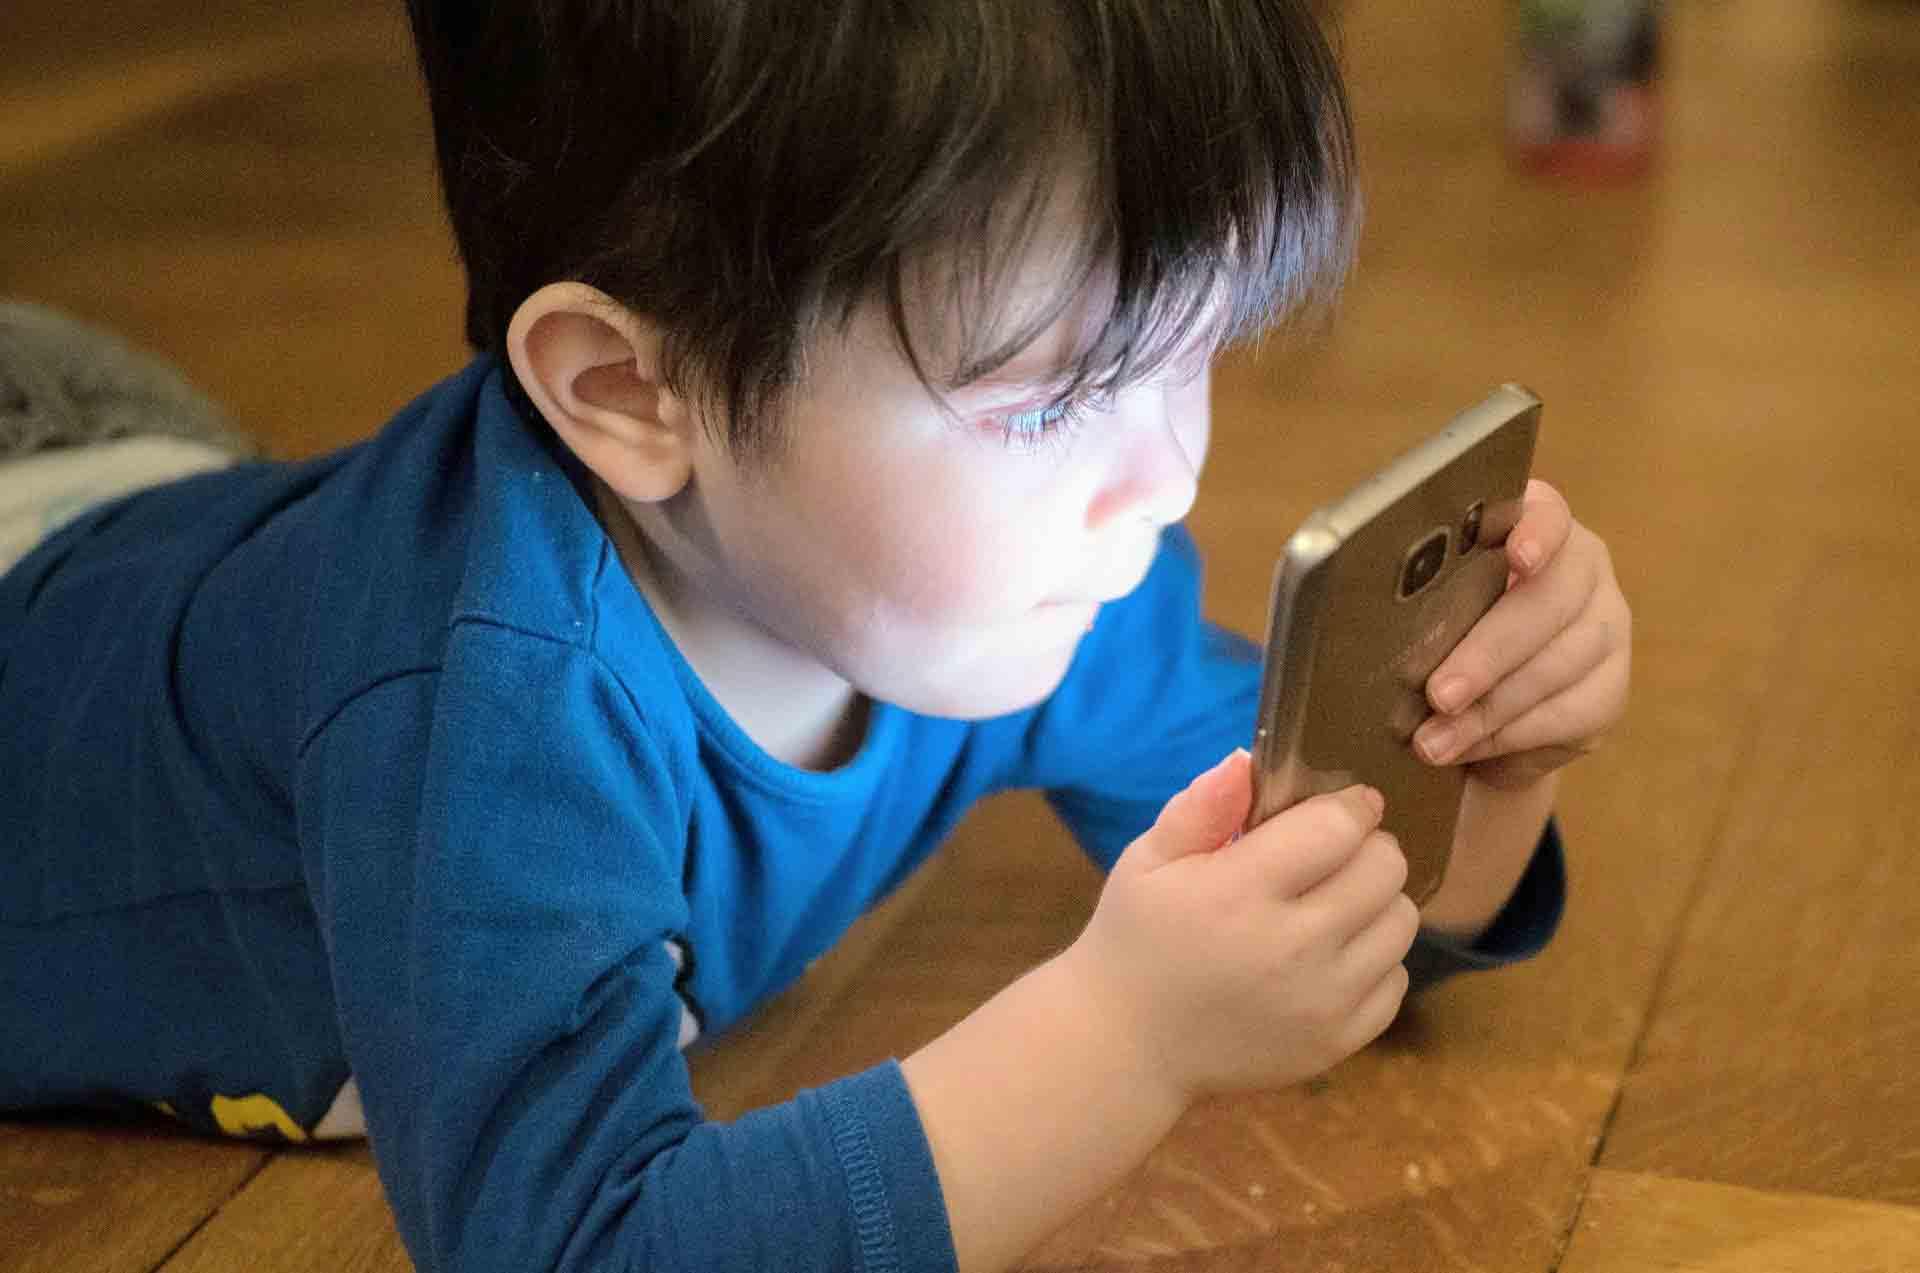 وقت گذراندن بیش از حد کودکان با بازی اینترنتی، تهدیدی برای اعتیاد بعد از 7 سالگی به این بازیها,